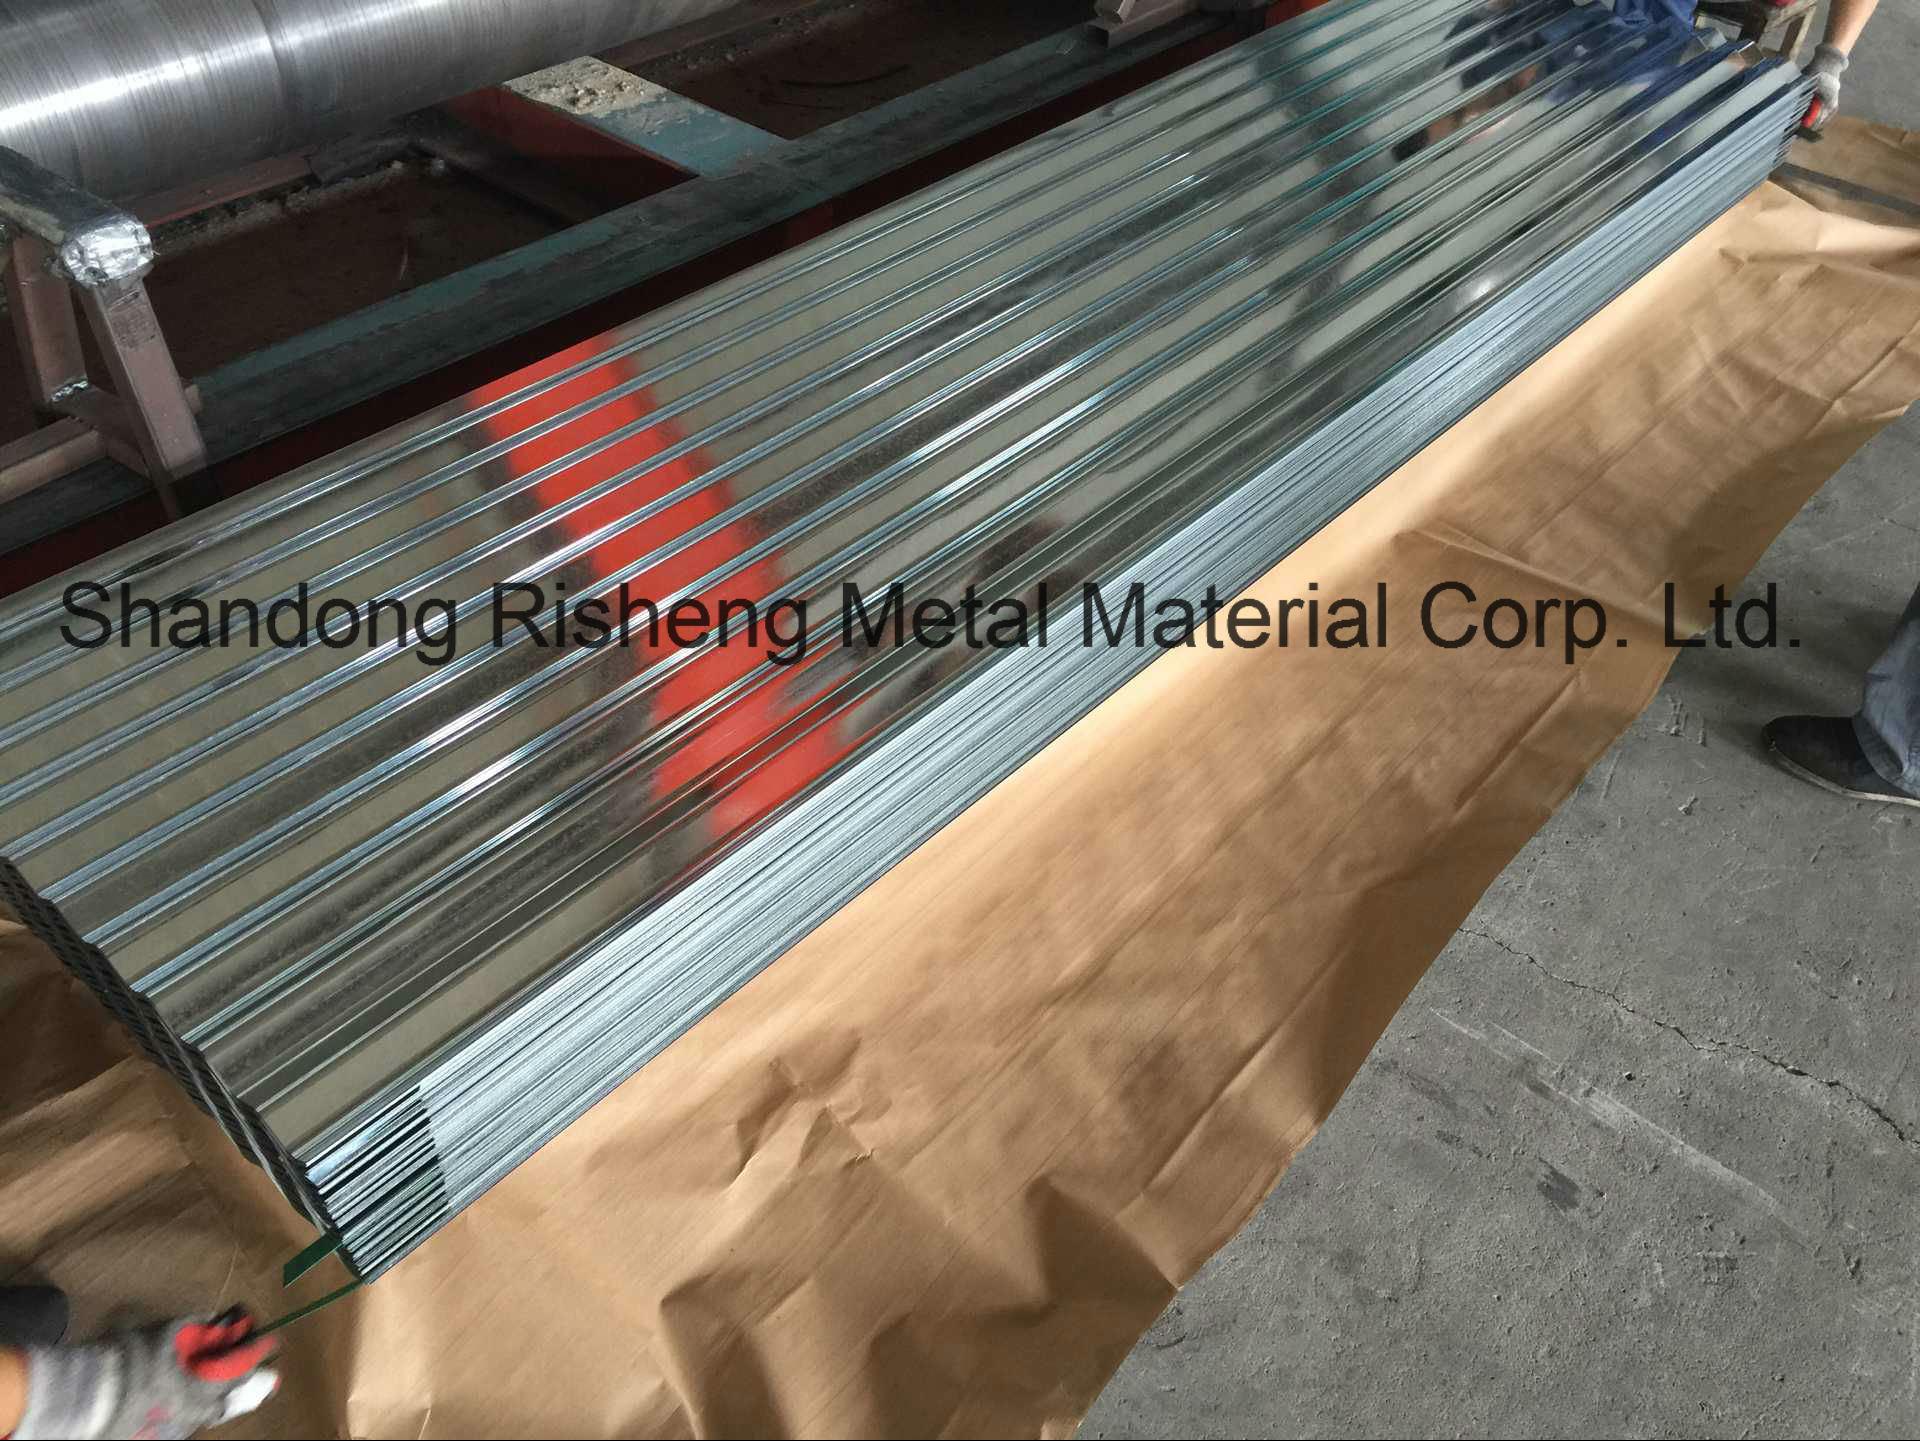 Hot DIP Galvanized Steel Roofing Tiles